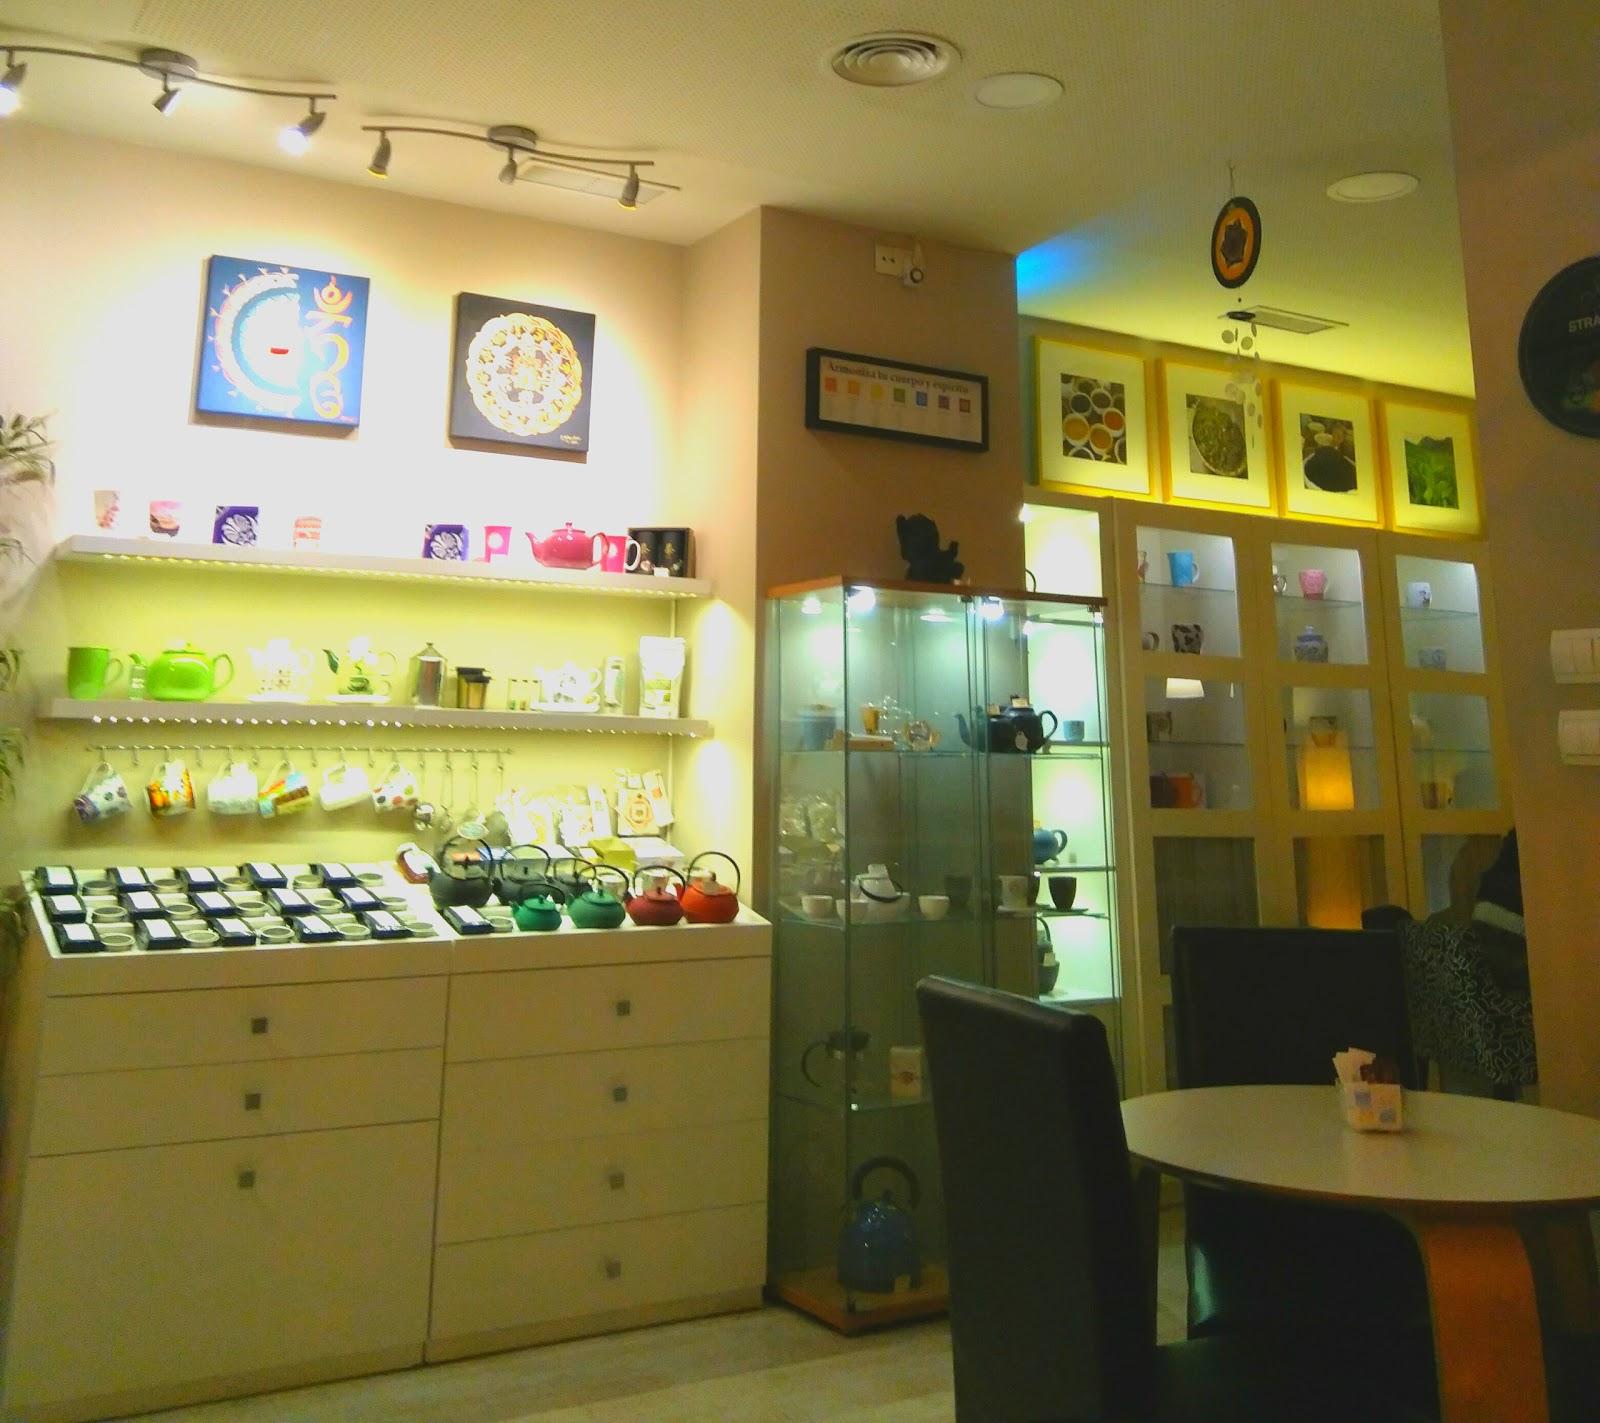 Conté Tetería - Tea Shop: A Work-Friendly Place in Valencia